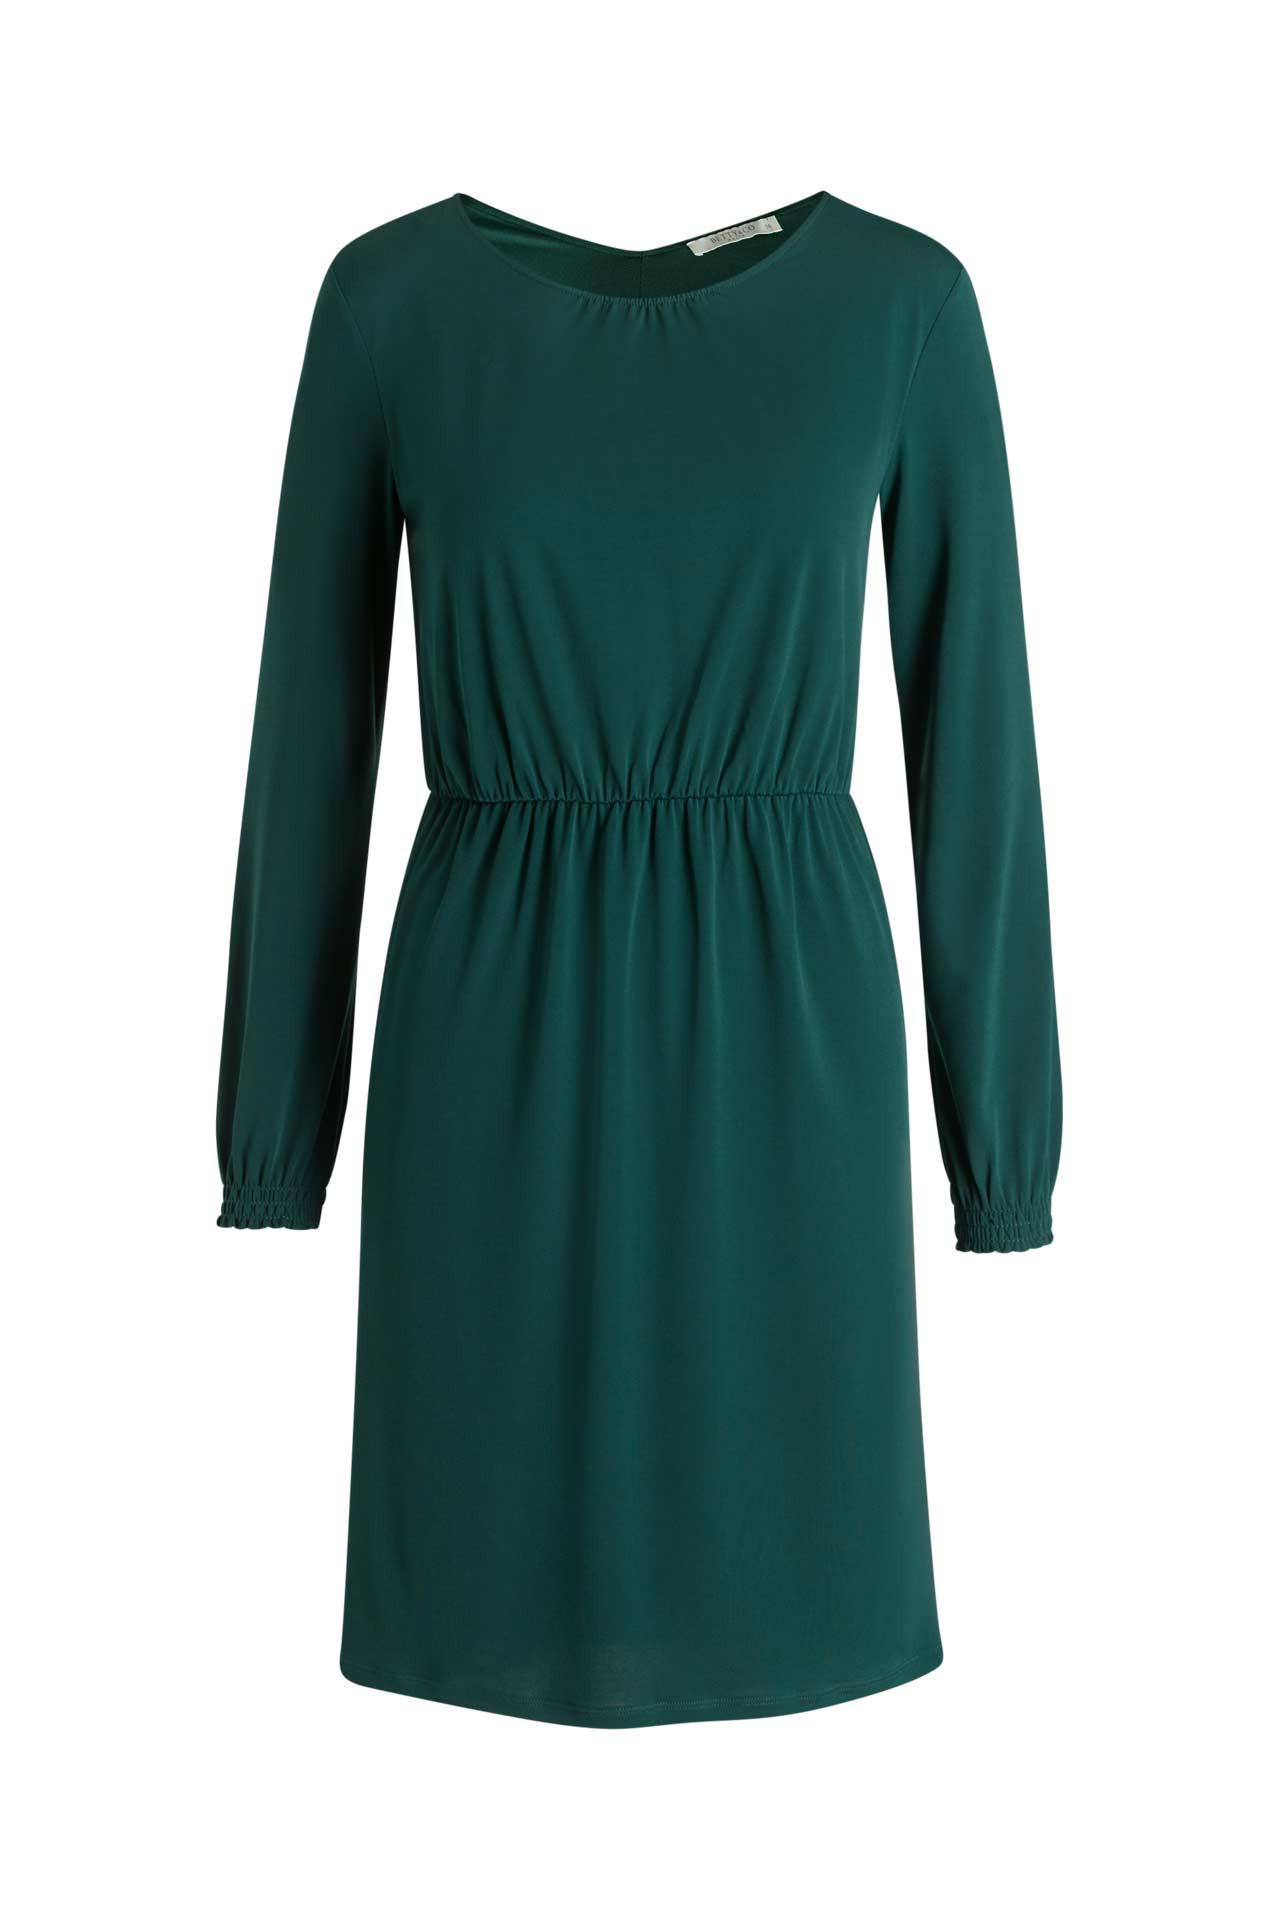 Kleid Dunkelgrün  Betty Barclay » Günstig Online Kaufen